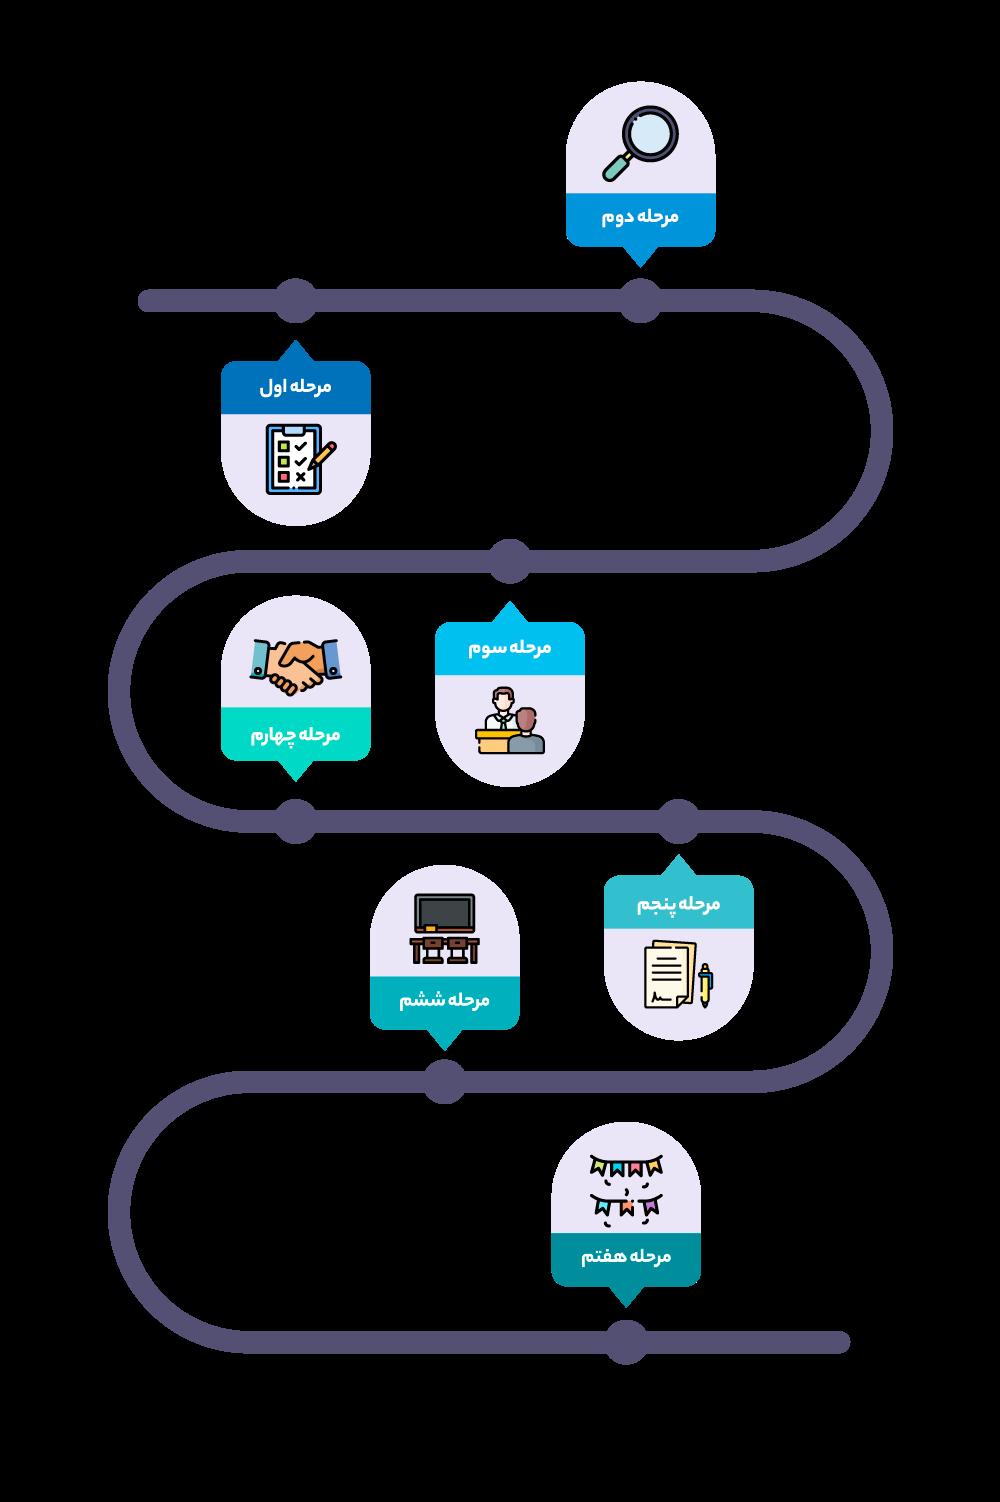 مراحل استخدام